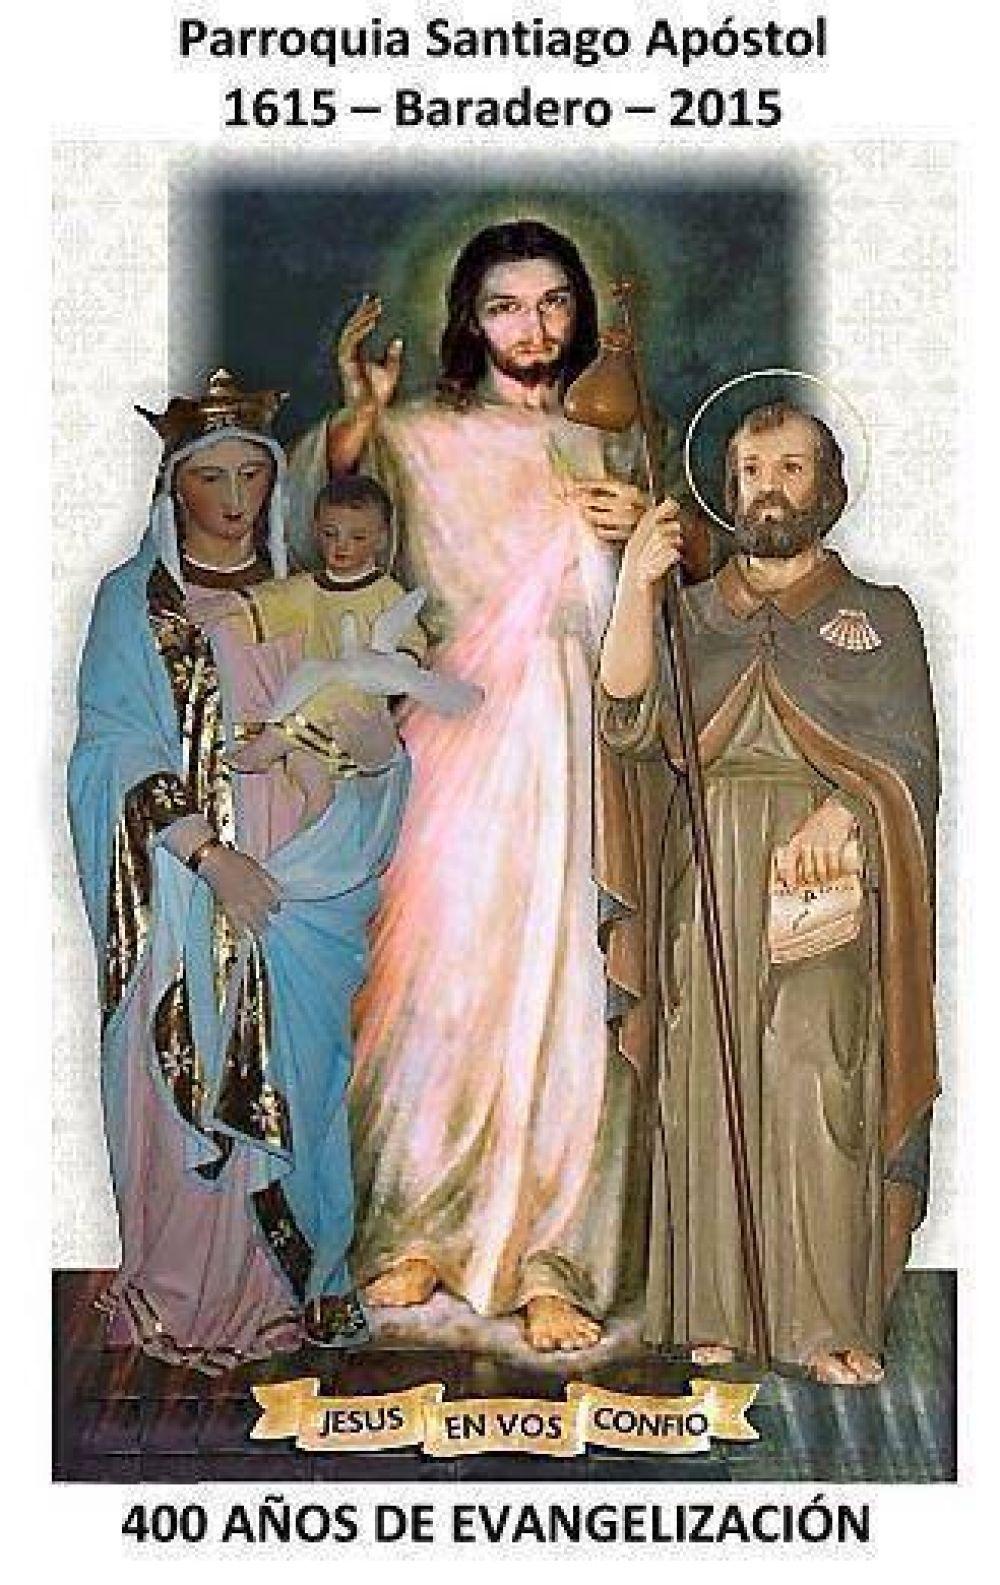 Fiesta de la Divina Misericordia Parroquia Santiago Apóstol